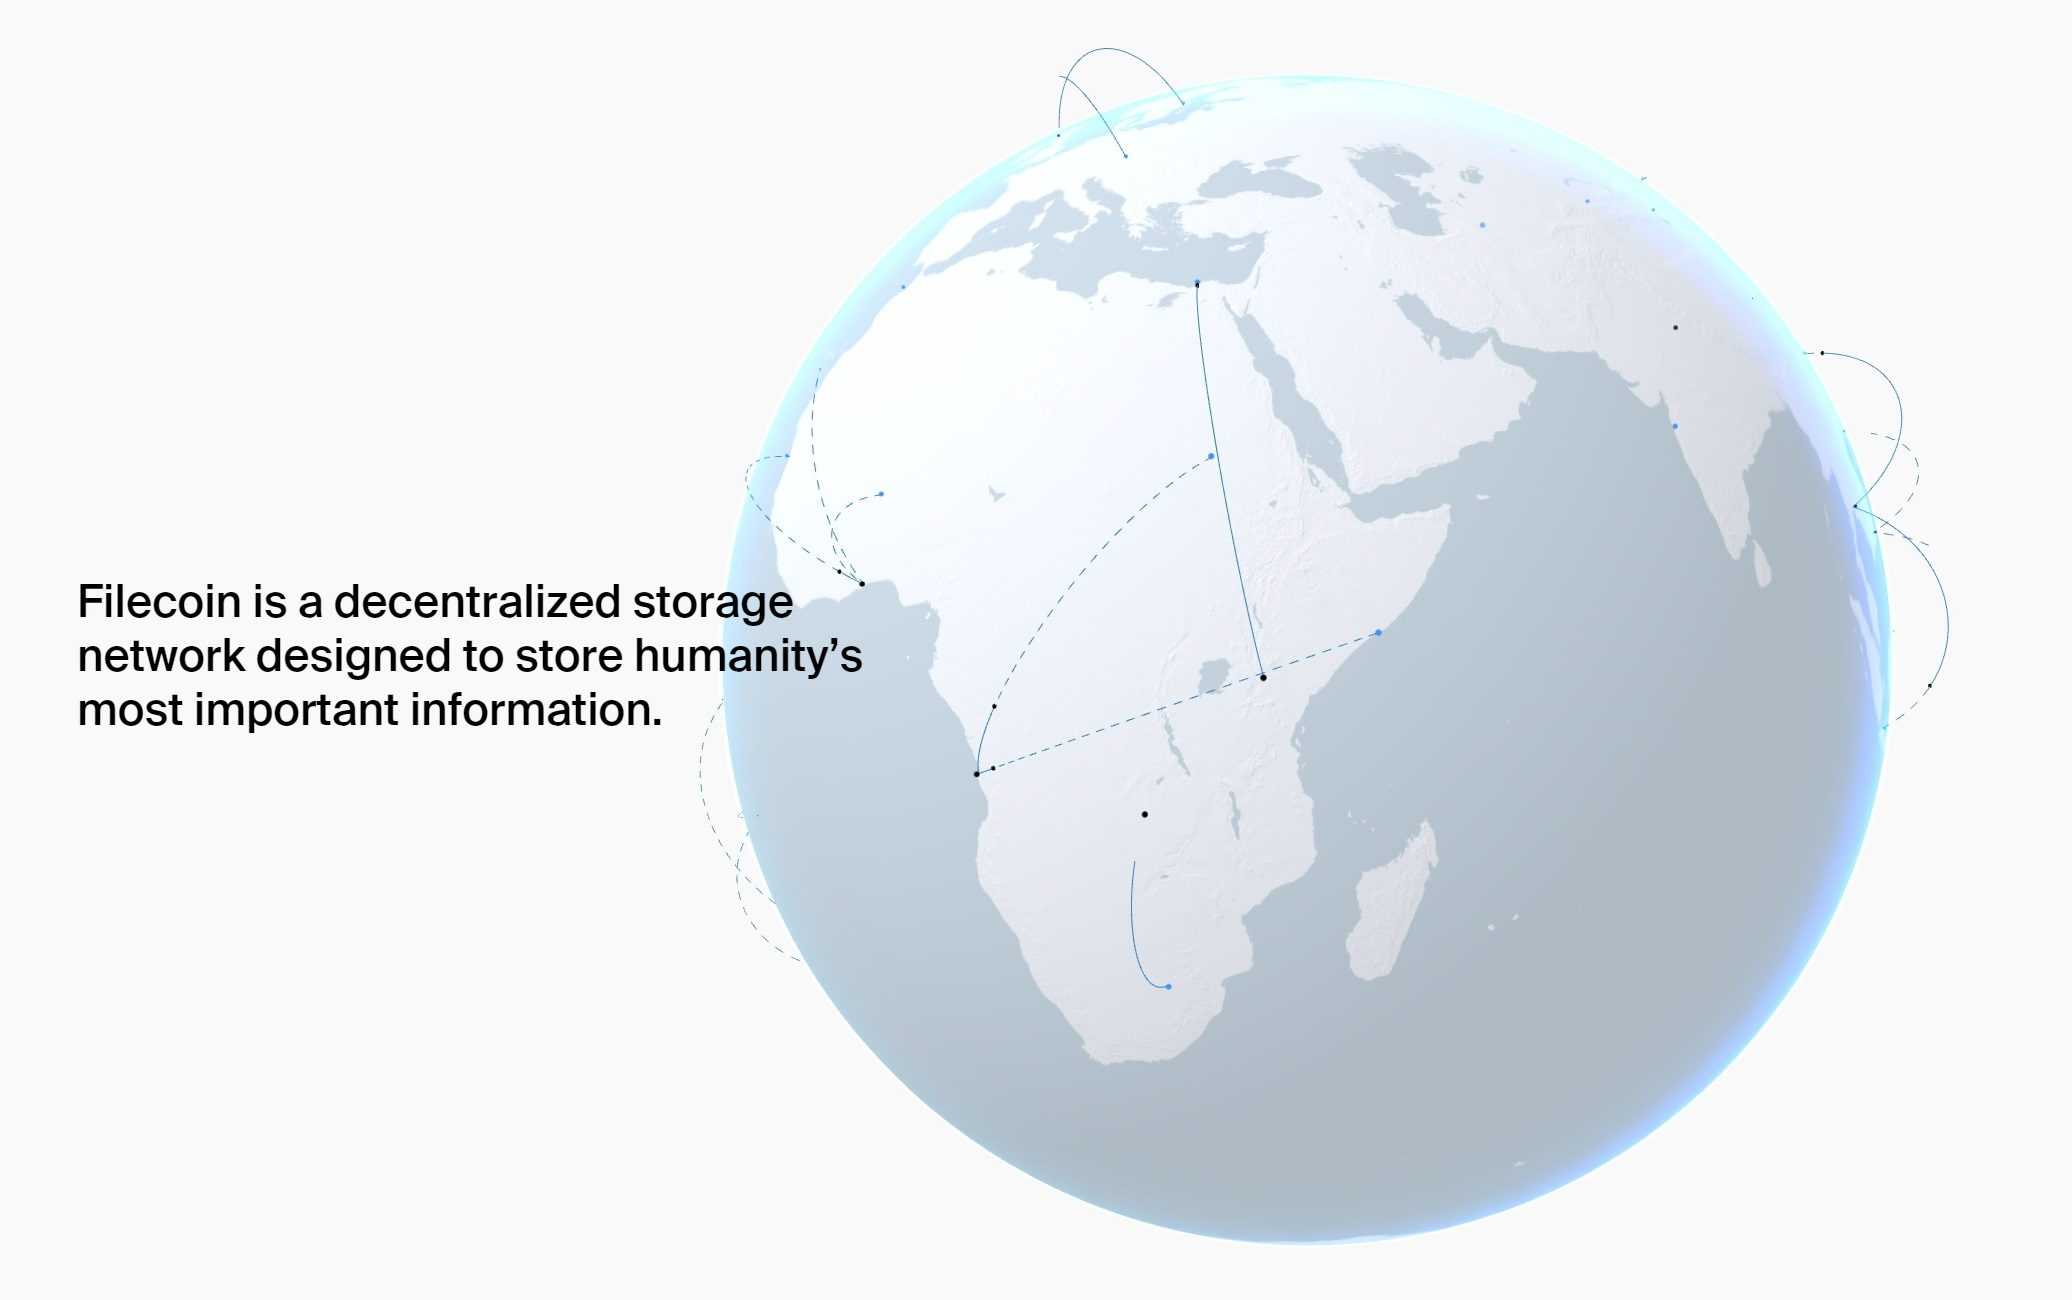 Web 3.0 storage provider Filecoin reaches 2.5EiB capacity